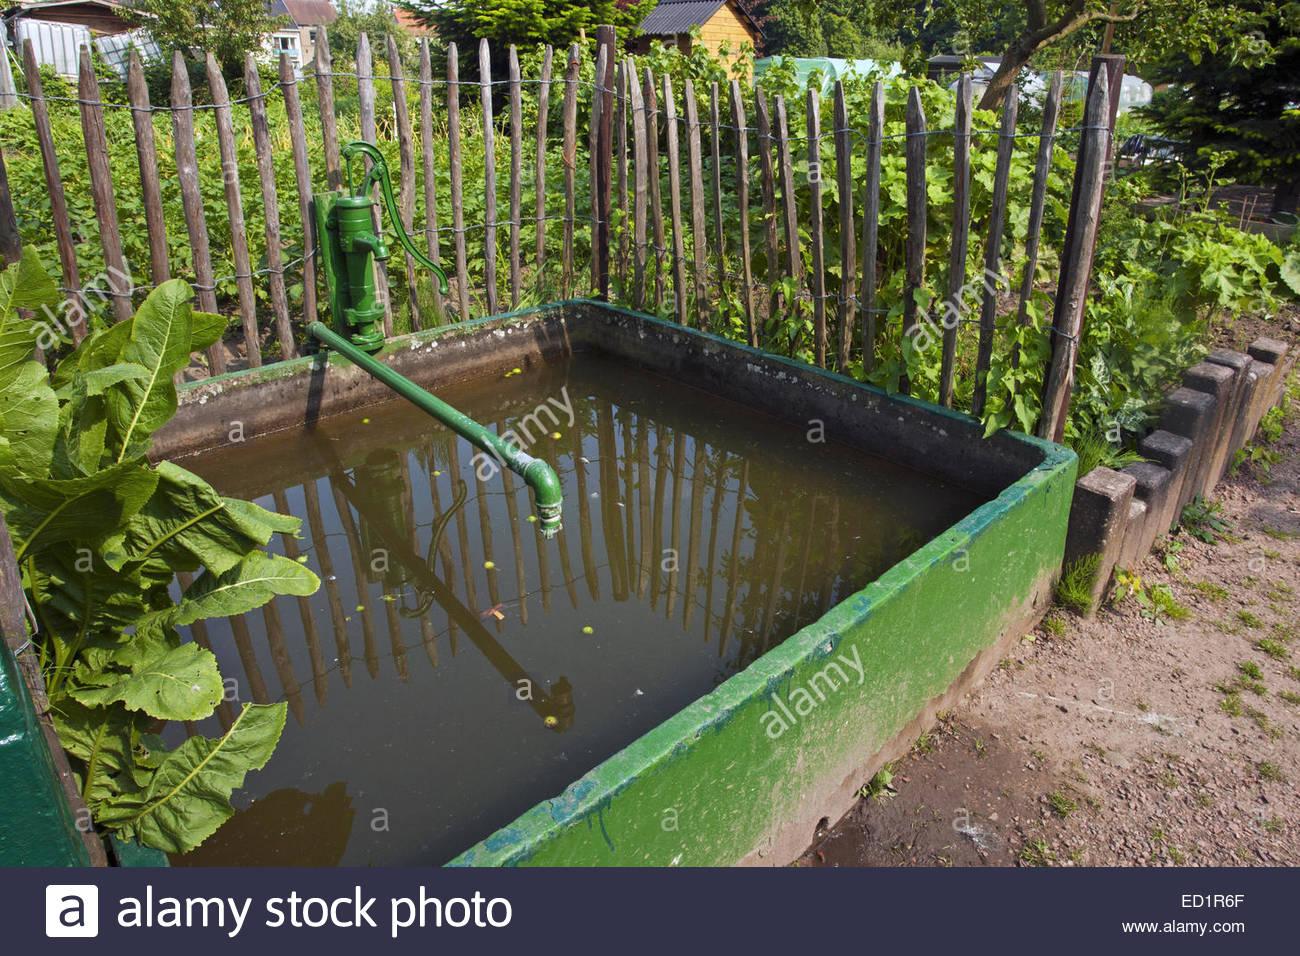 / Réservoir d'eau de pluie citerne pour les eaux souterraines et dans le jardin d'attribution / cuisine Photo Stock